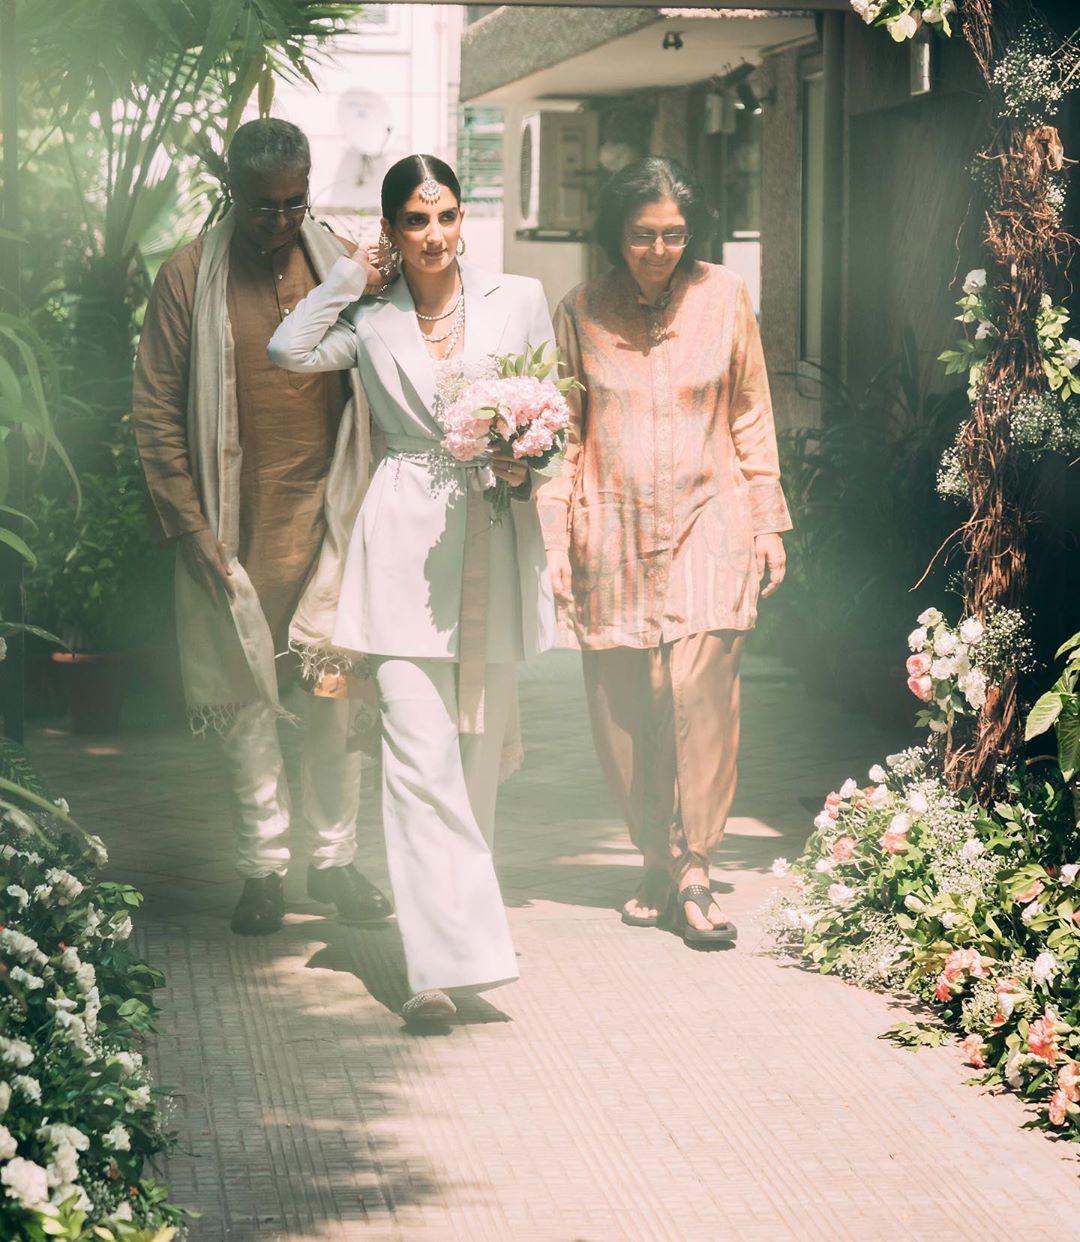 ज्या सुटाबुटात आपण नेहमी नवरदेवाला पाहतो त्या सुटाबुटात चक्क वधू दिसली. संजनाने आपल्या लग्नात ना साडी ना लेहंगा तर सूट घातला.(फोटो सौजन्य - इन्स्टाग्राम)